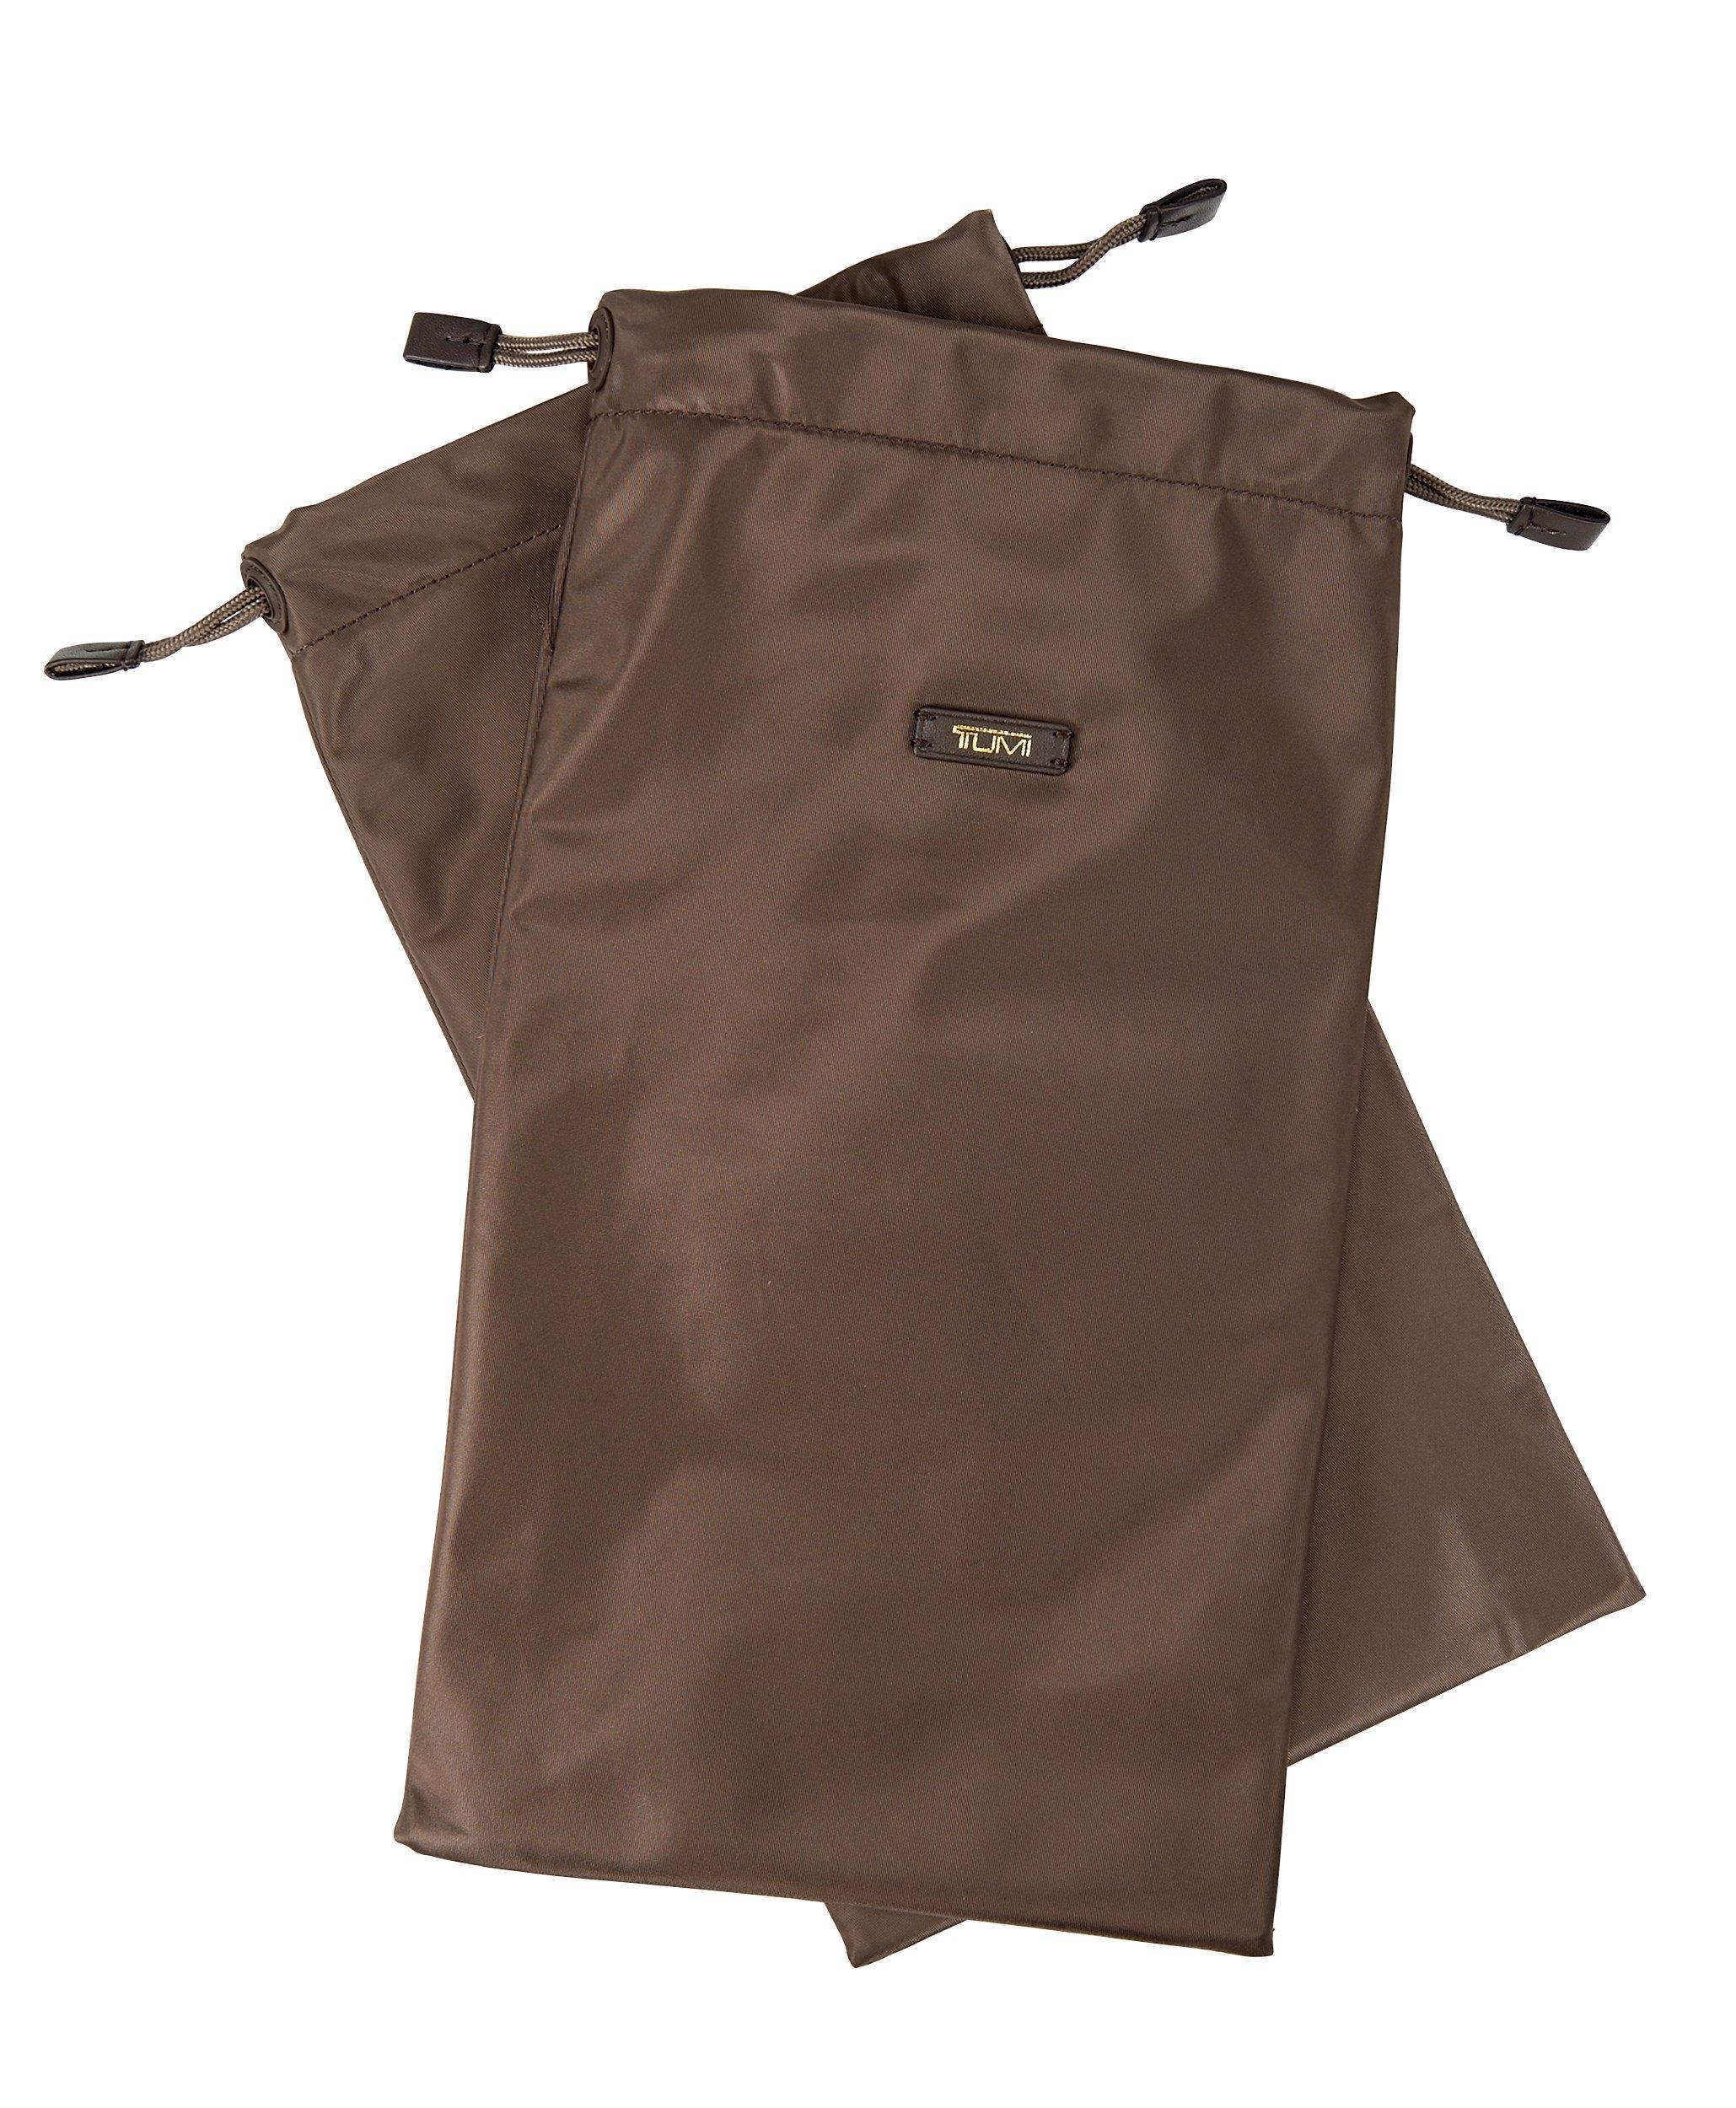 Tumi Shoe Bag Set, Mink